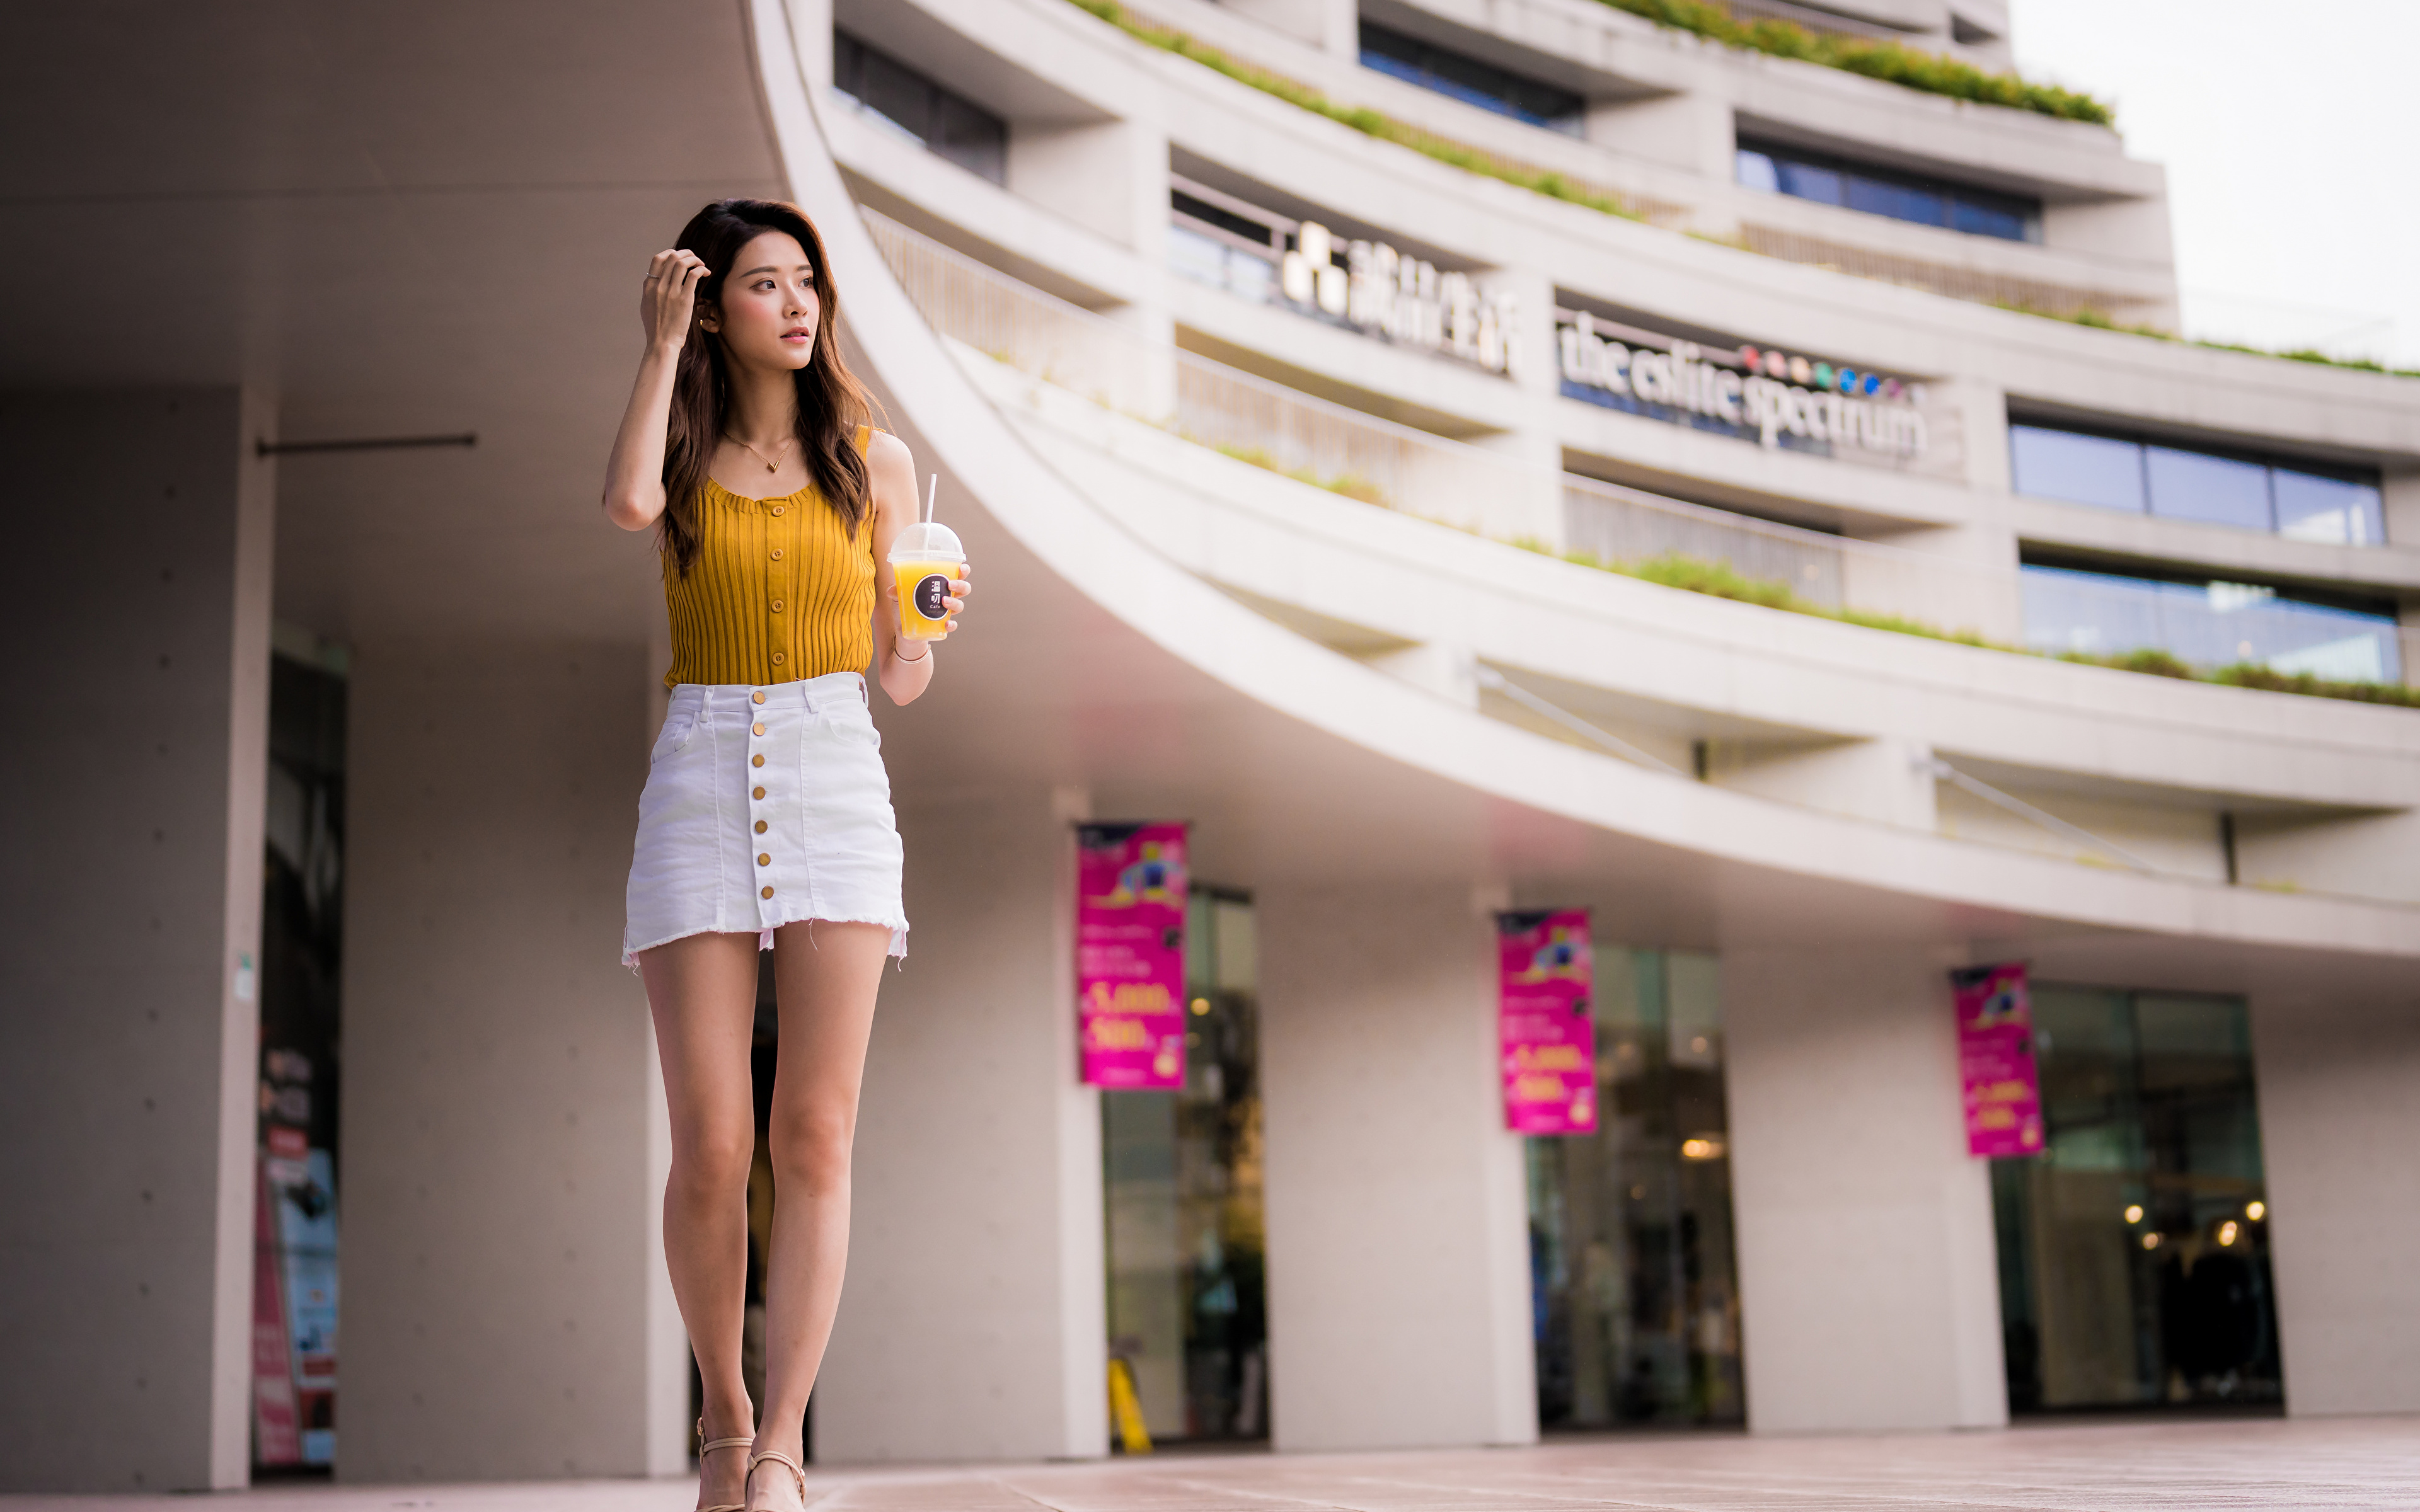 Bilder Rock Bokeh Pose junge Frauen Bein Unterhemd Asiatische 3840x2400 unscharfer Hintergrund posiert Mädchens junge frau Asiaten asiatisches